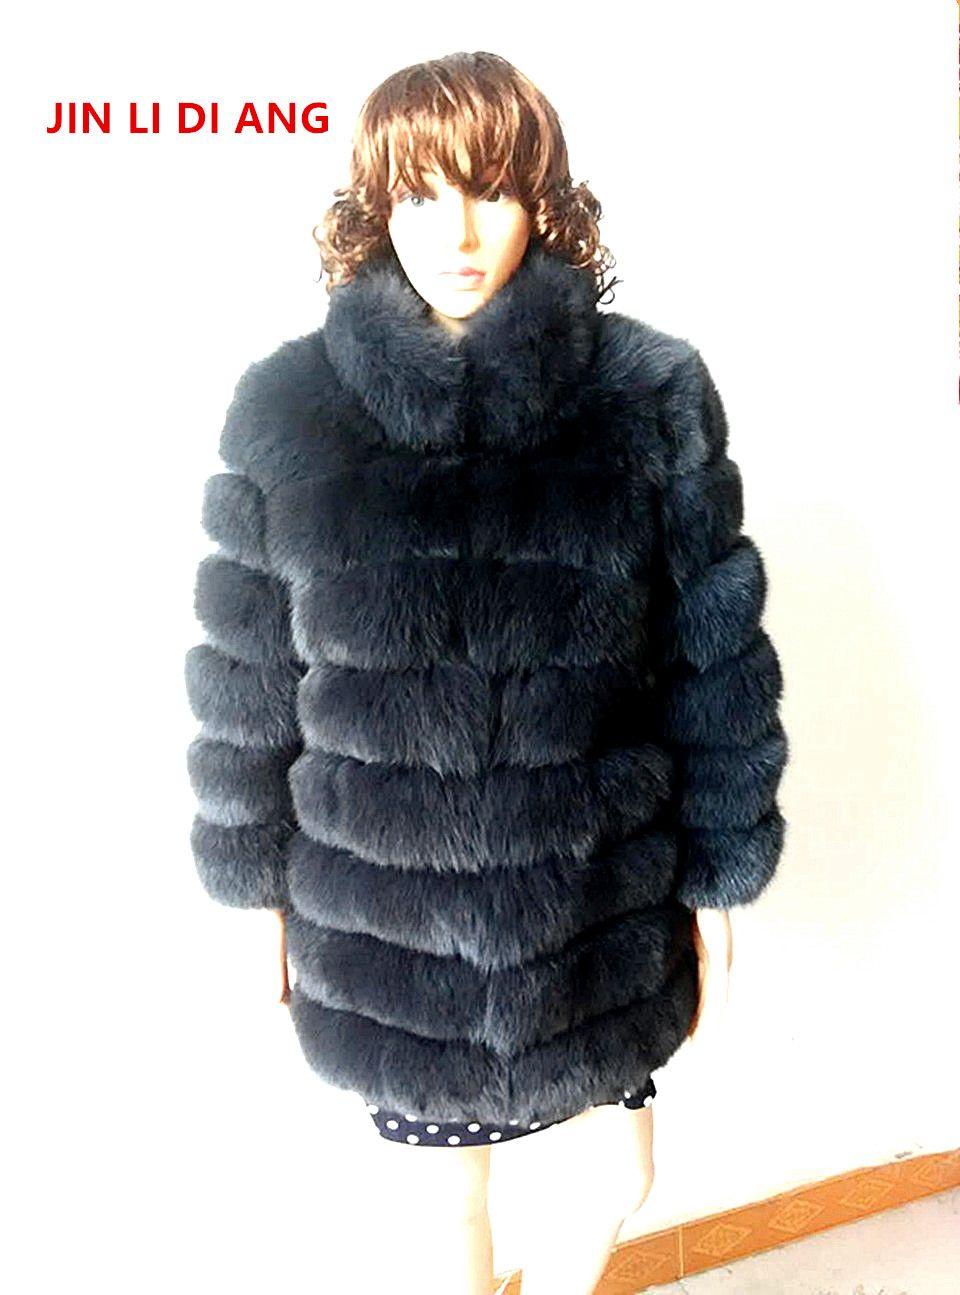 Jin Li Di Ang Frauen Natürliche Echte Echten Fuchspelz Mäntel Winter Hülse Mit Drei Vierteln Oberbekleidung Warme Starke Mäntel Weste mit kragen